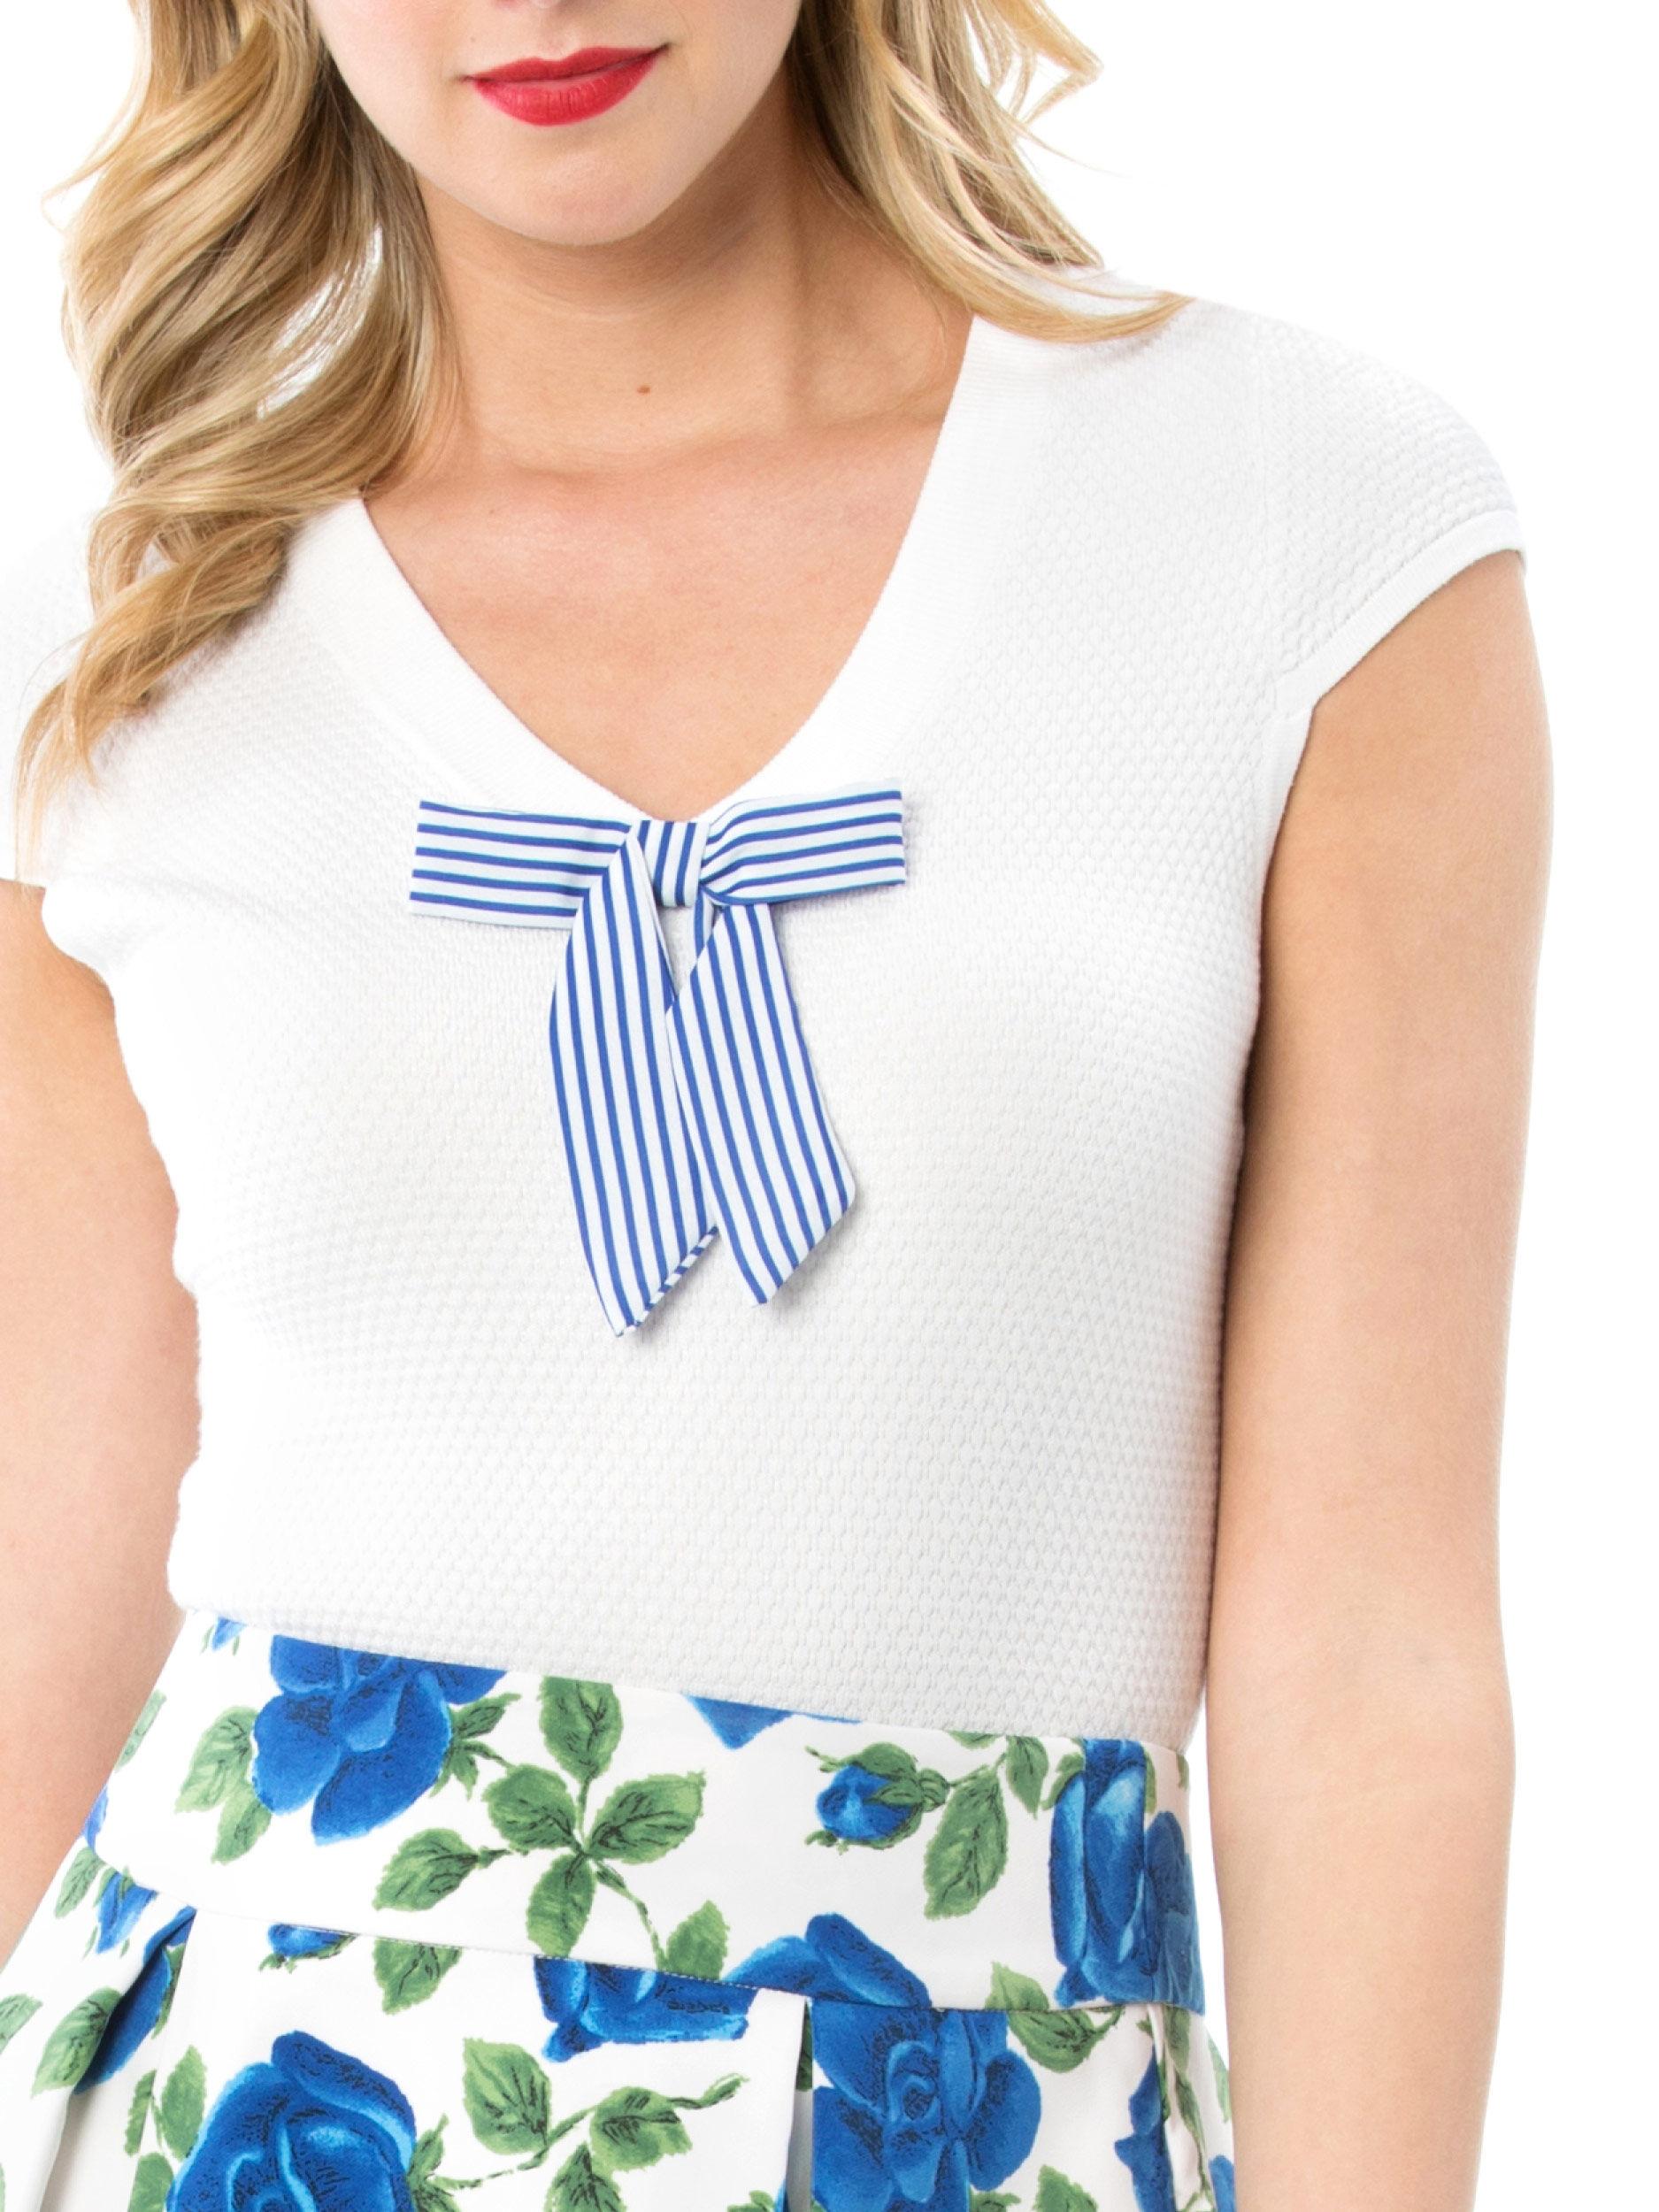 Louella Knit Top